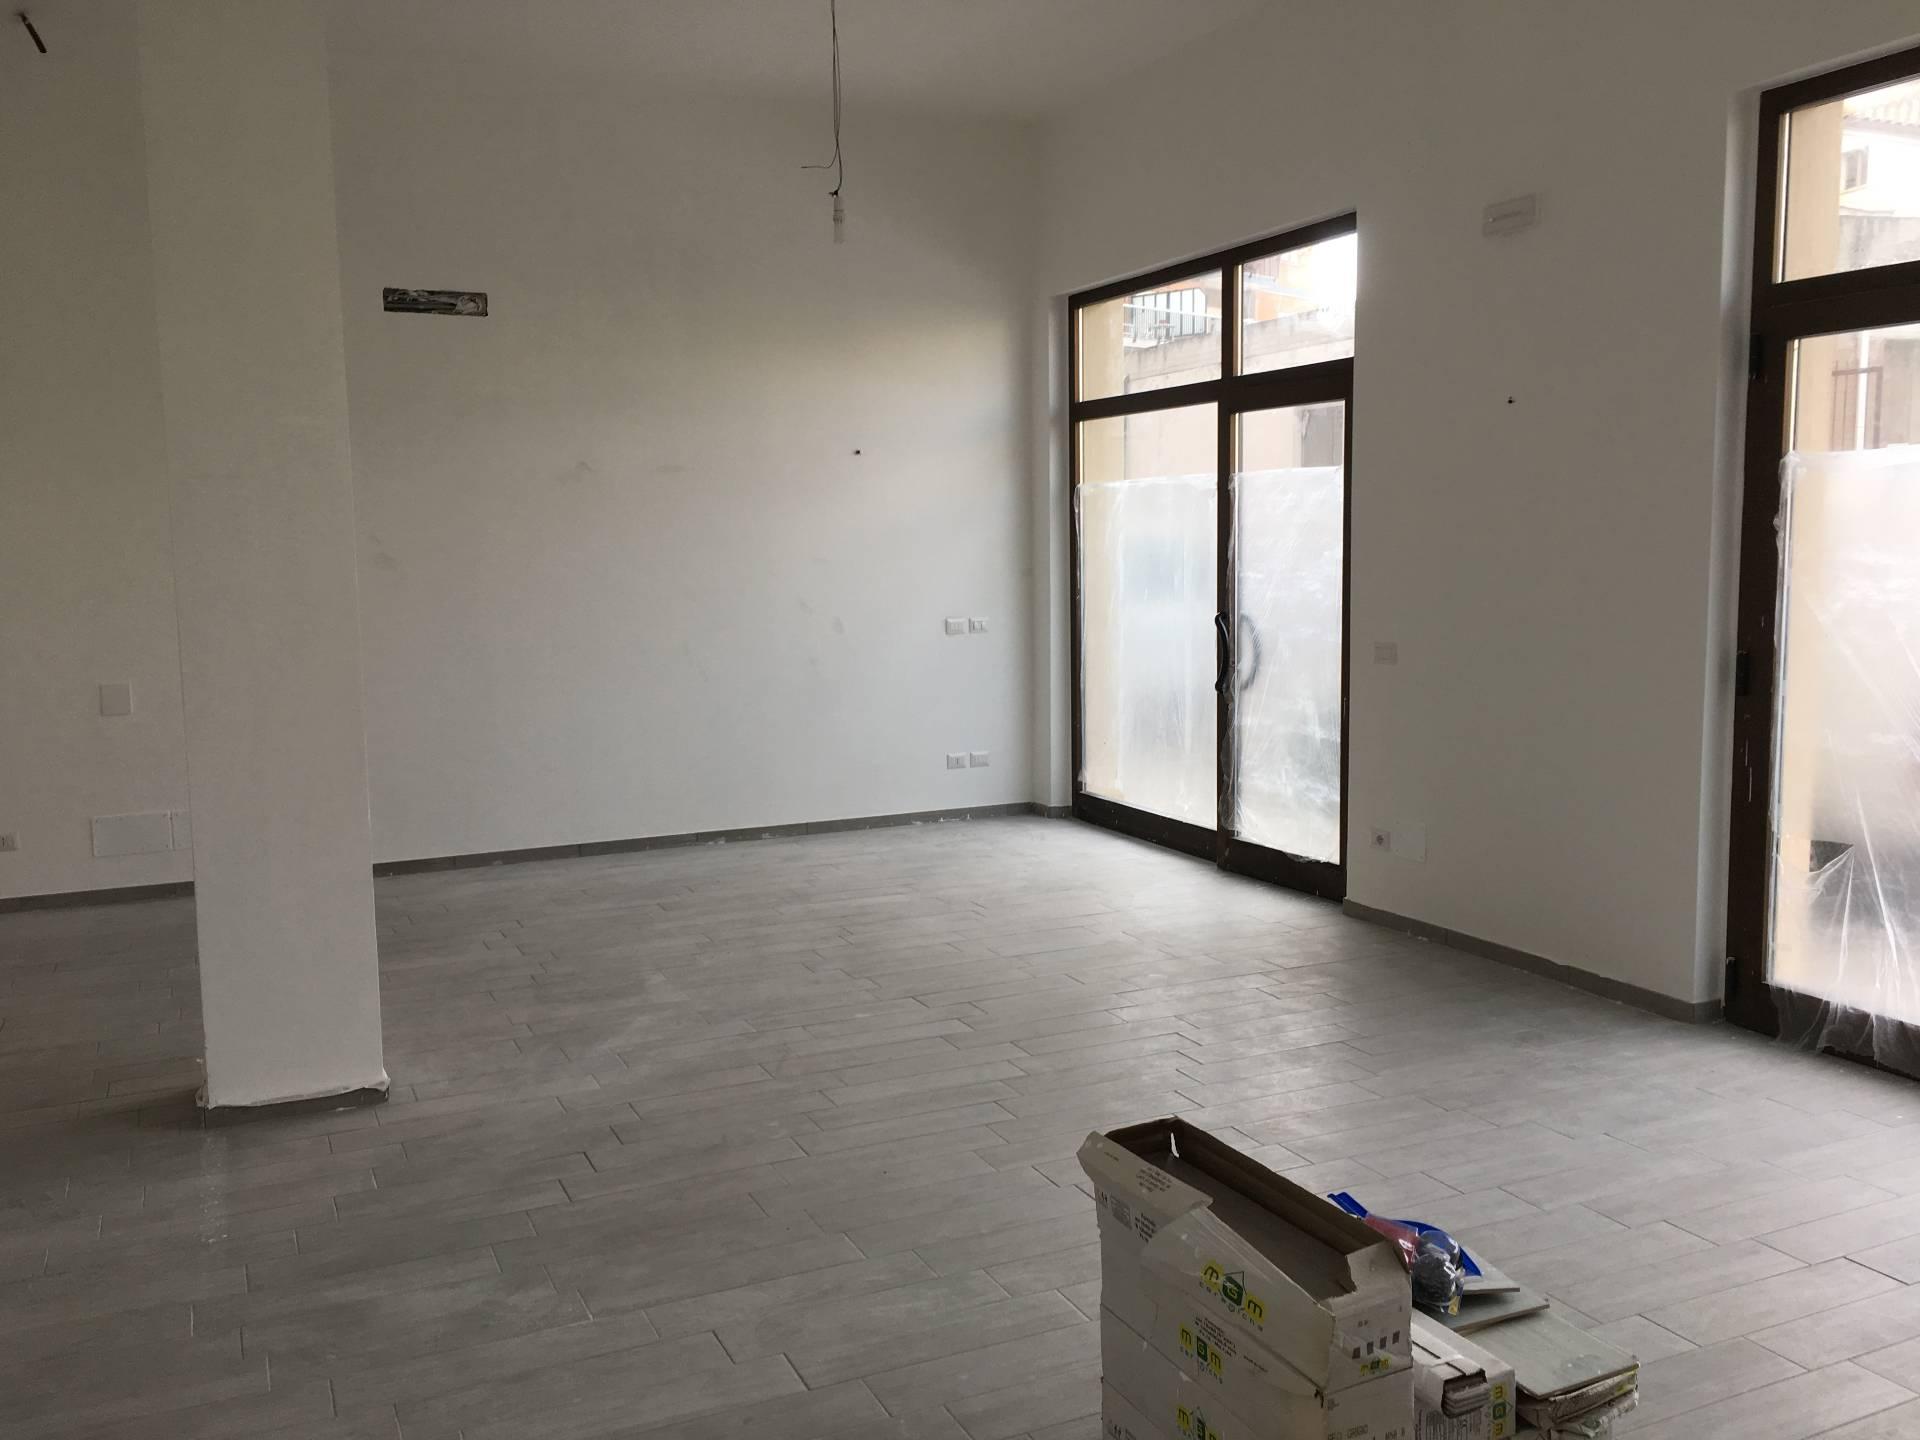 Negozio / Locale in affitto a San Benedetto del Tronto, 9999 locali, zona Località: zonaAscolani, prezzo € 600 | Cambio Casa.it